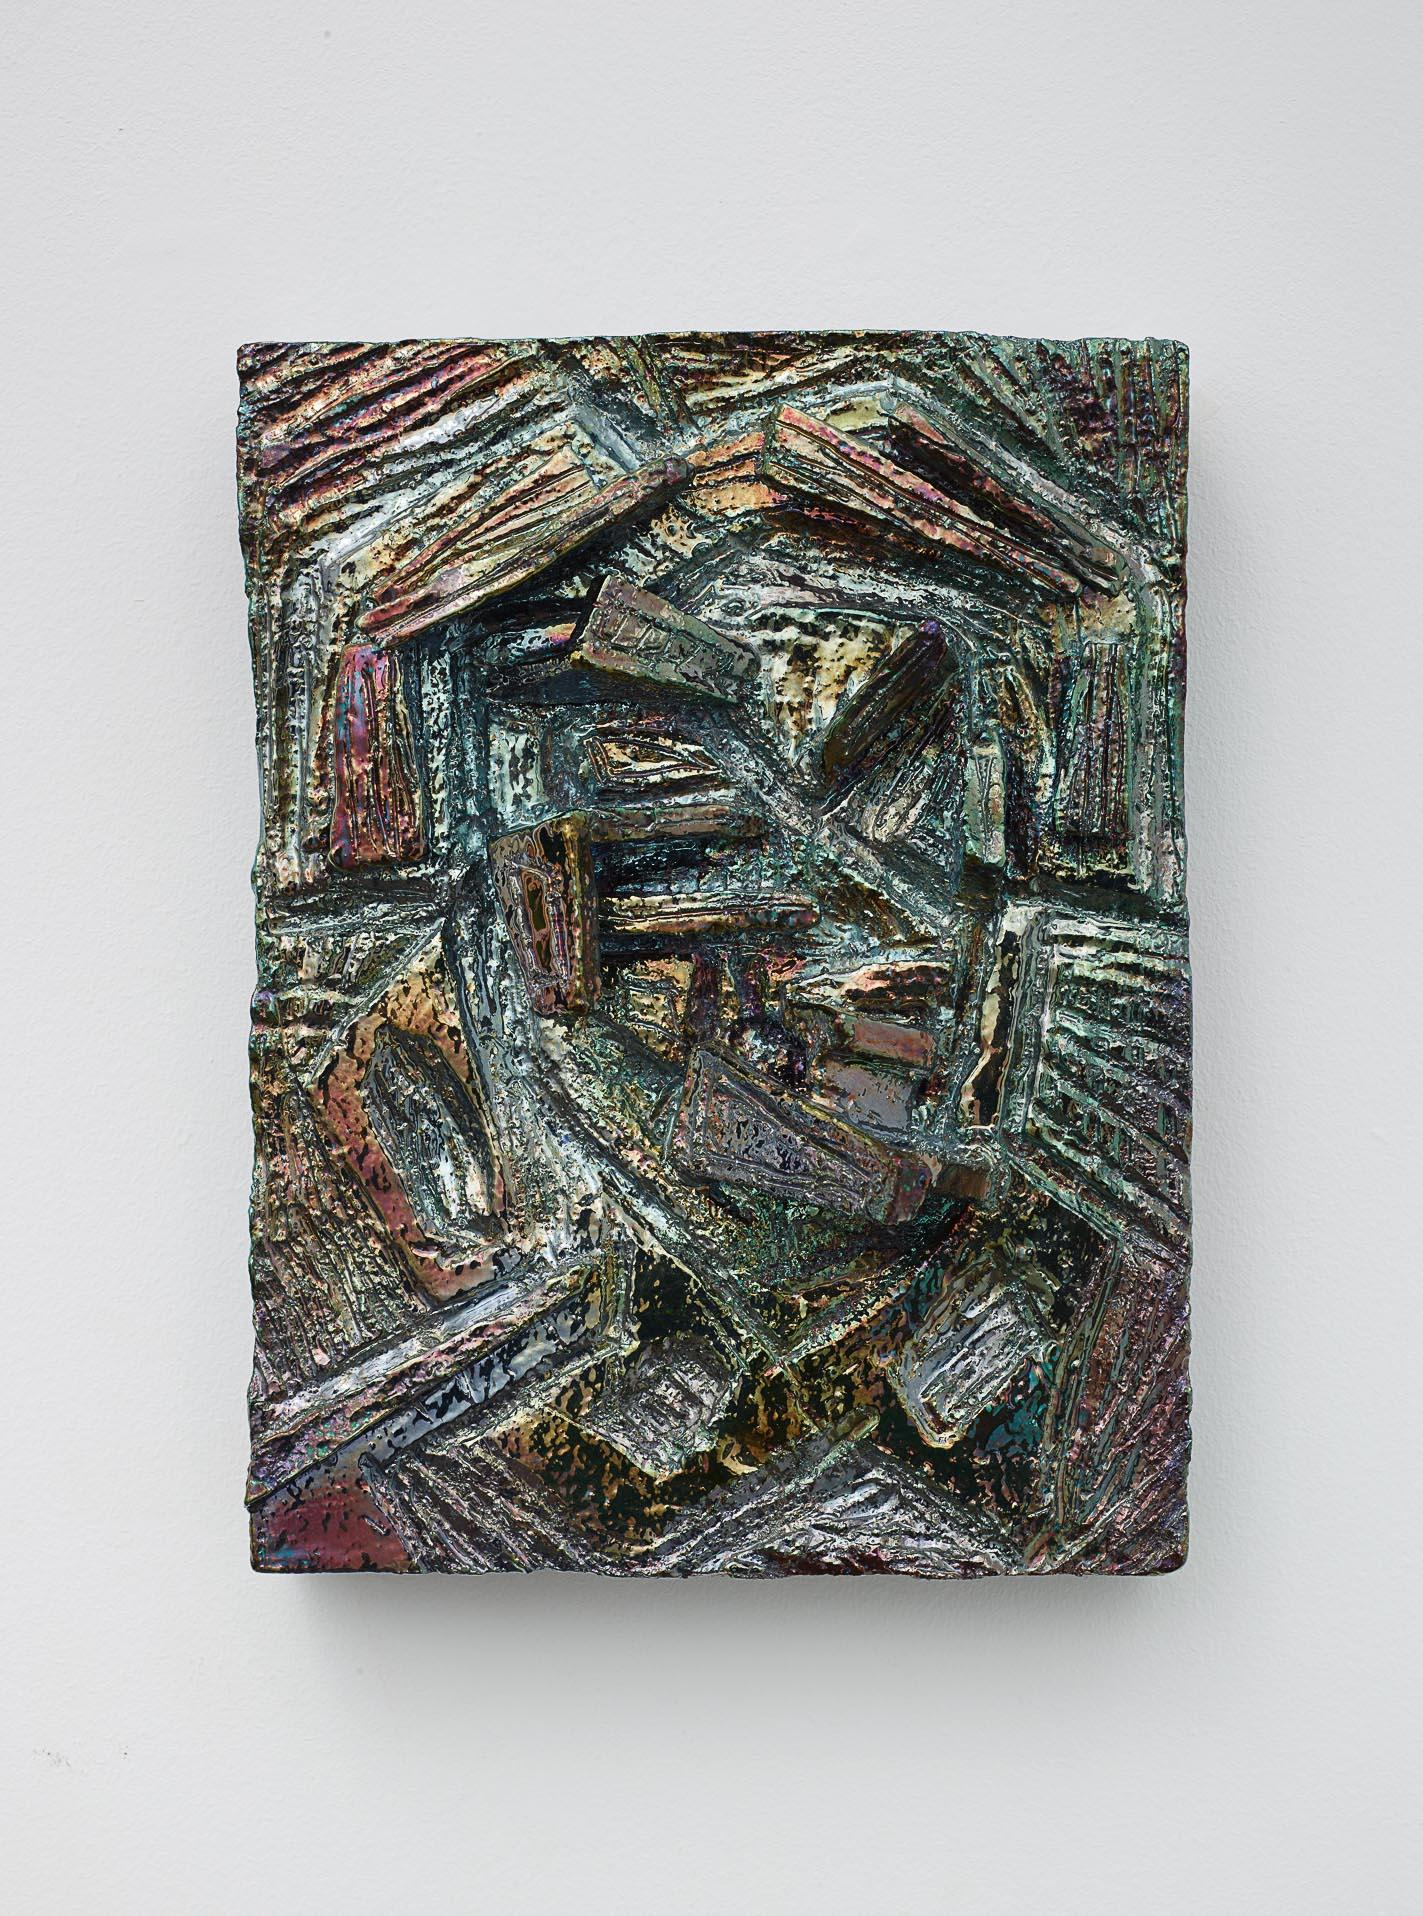 Julia Kunin,  Zircon , 2014, Ceramic, 13 1/2 x 10 x 4 1/2 inches